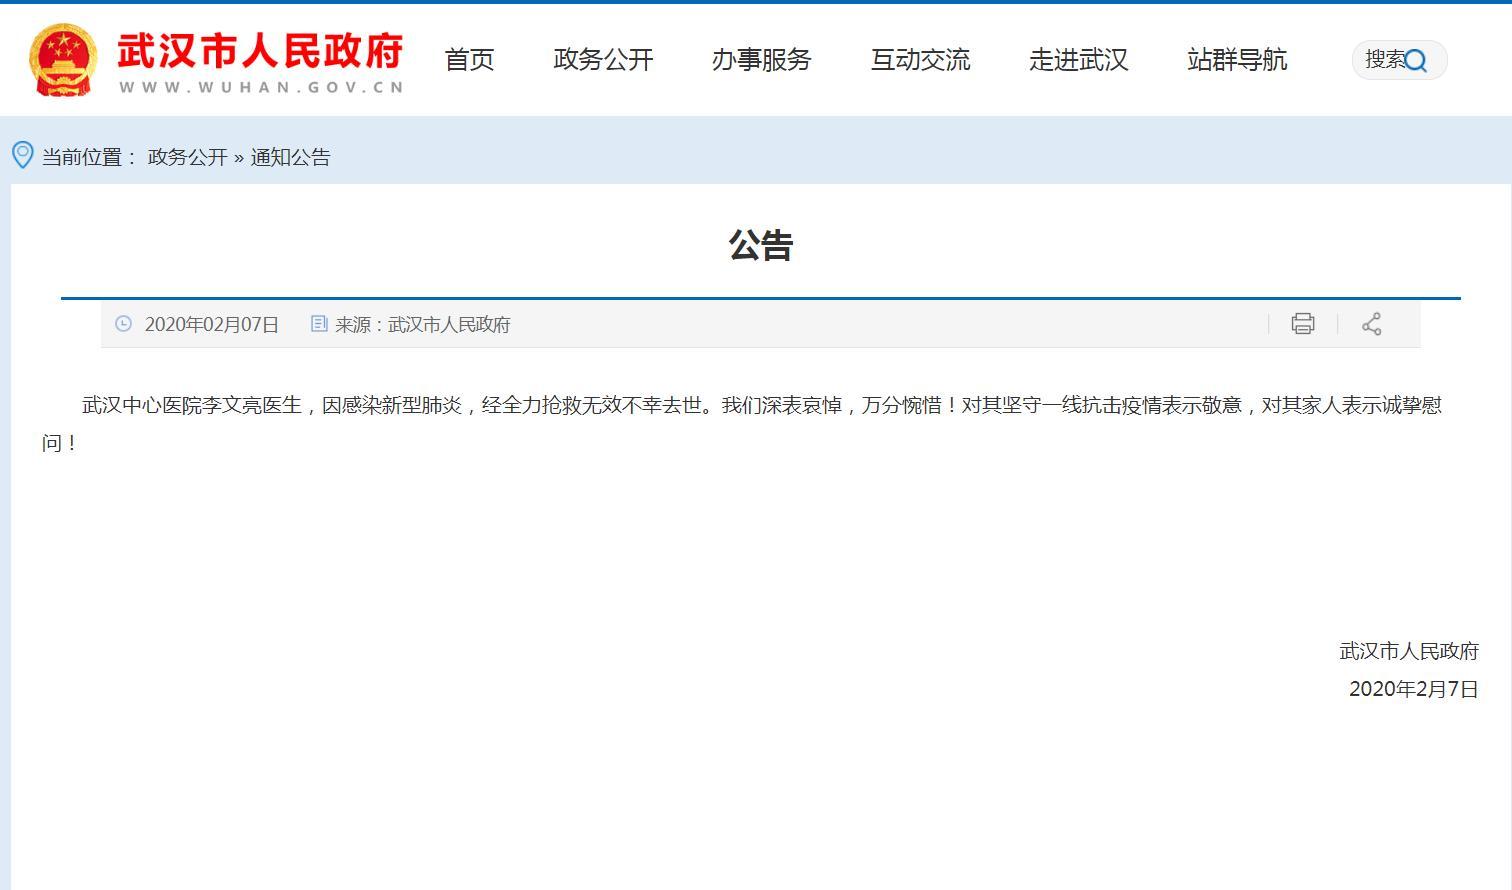 武汉市政府:李文亮医生去世 深表哀悼万分惋惜